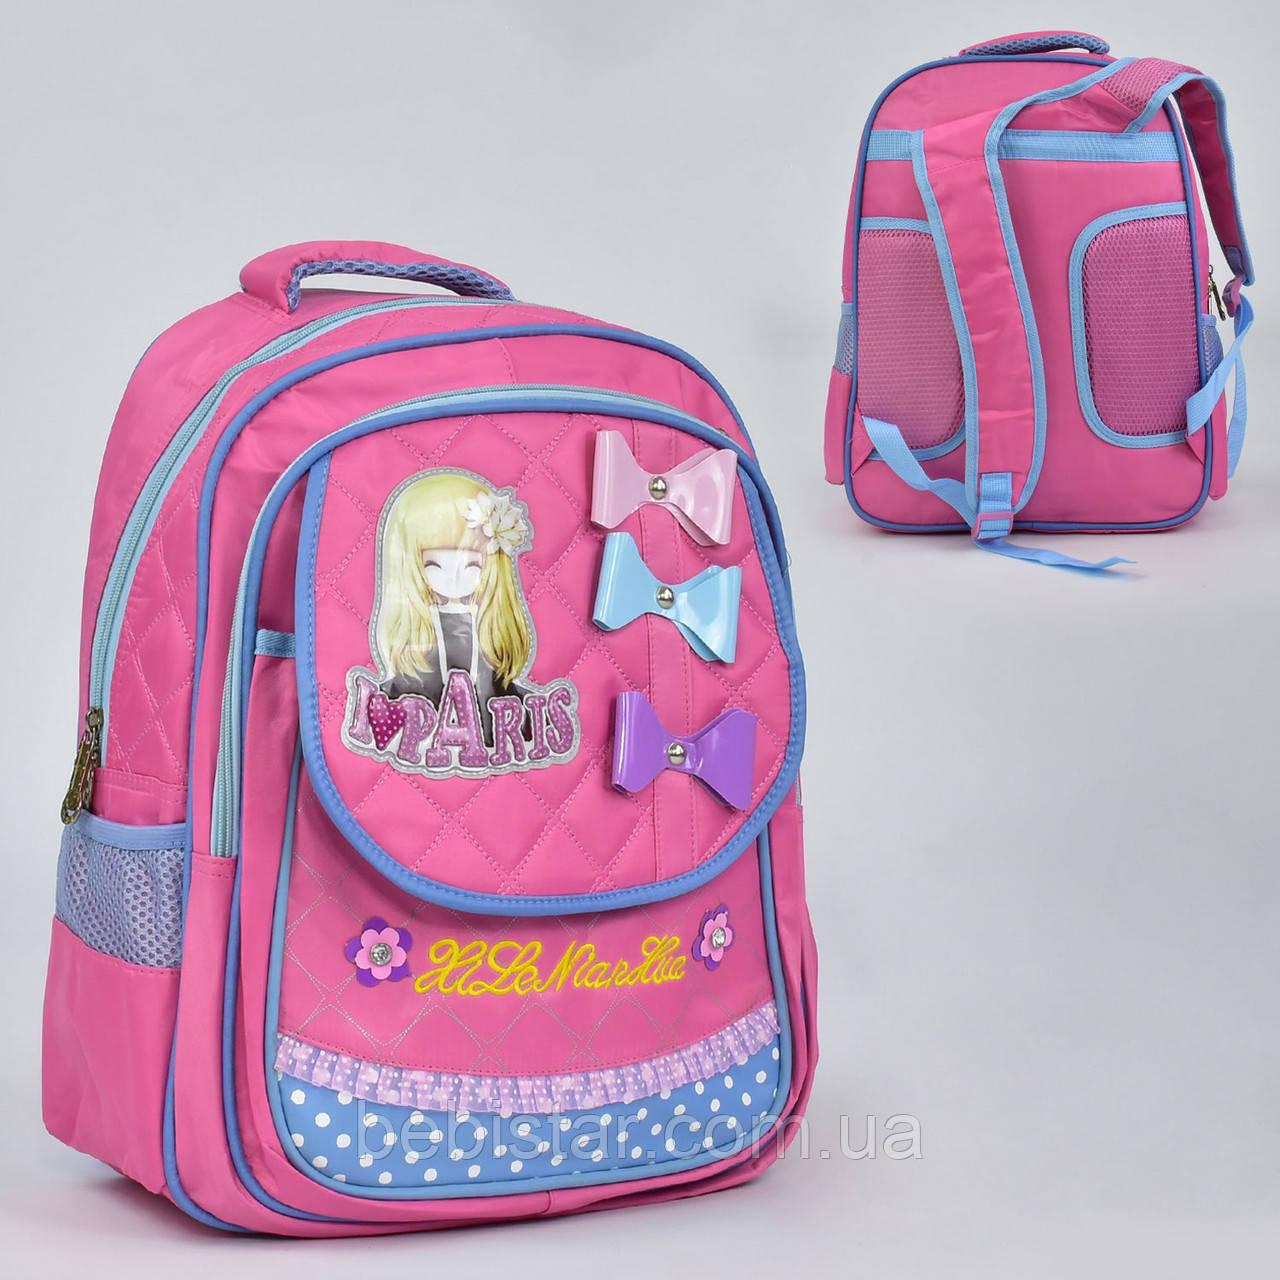 Шкільний рюкзак ортопедична спинка 2 кишені в рожевому кольорі